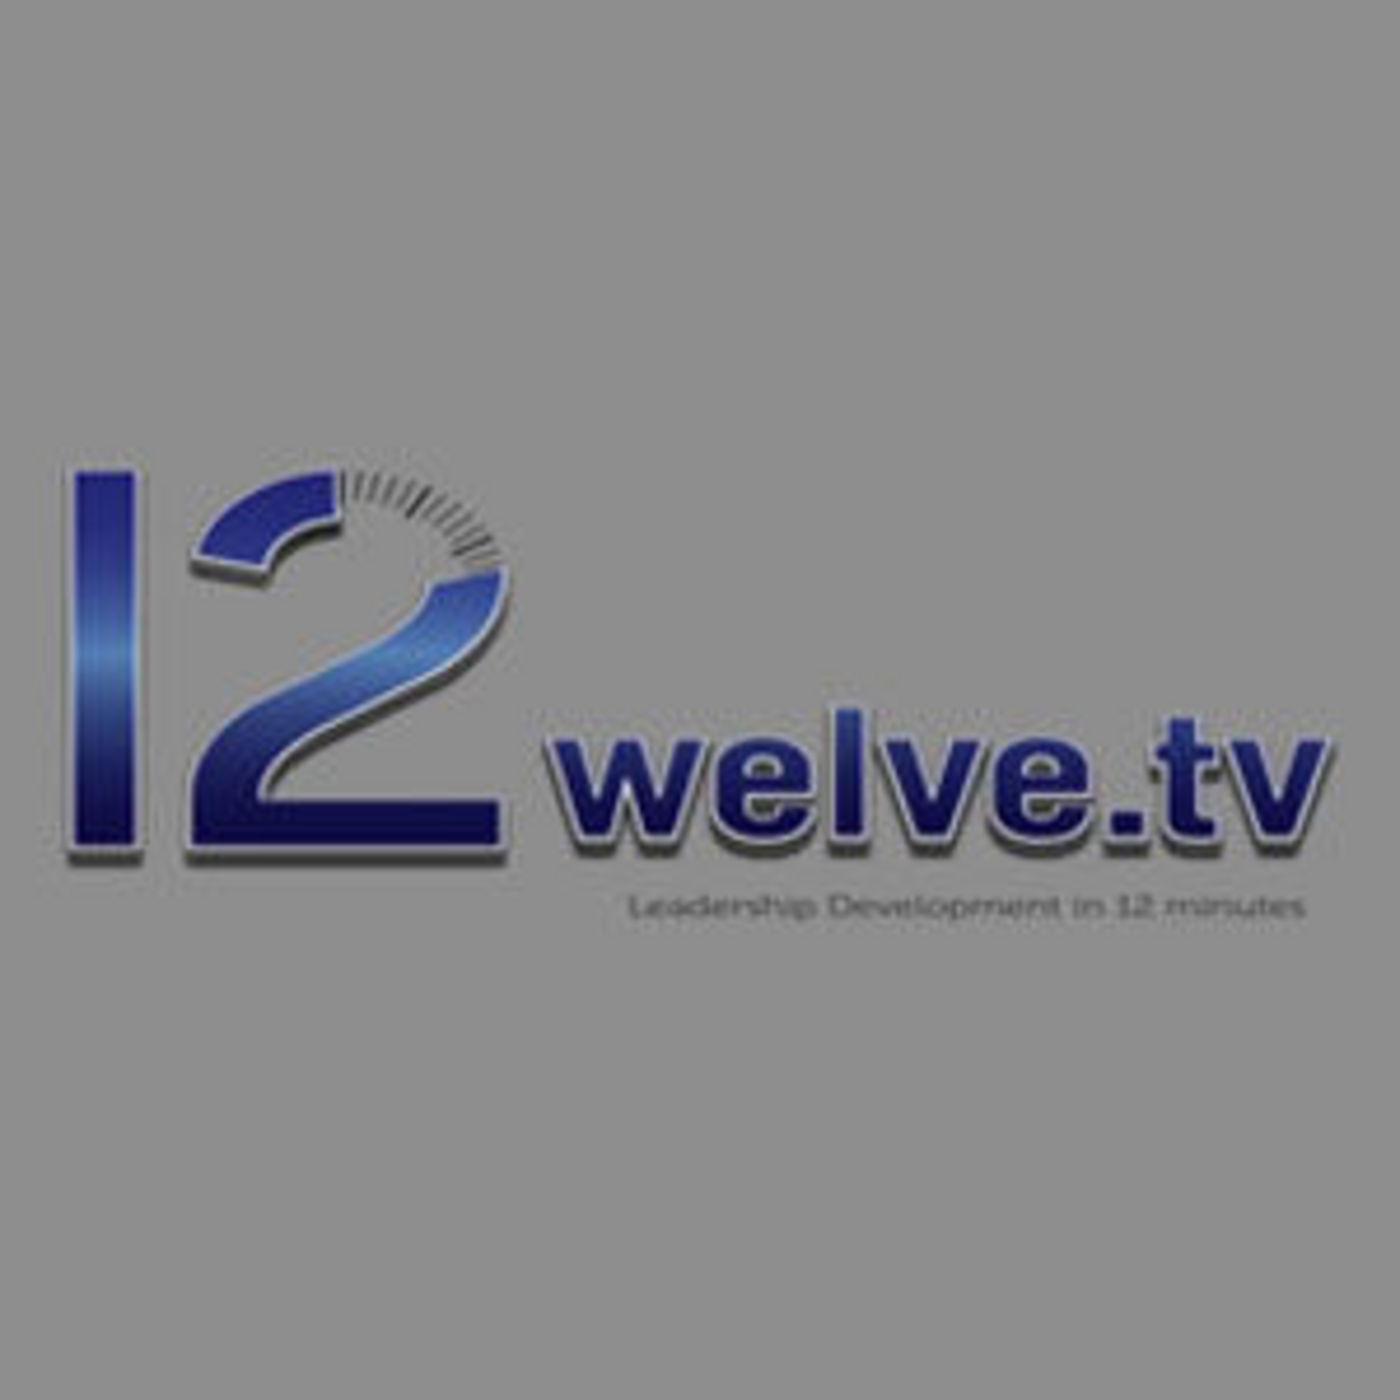 <![CDATA[12welve.tv]]>